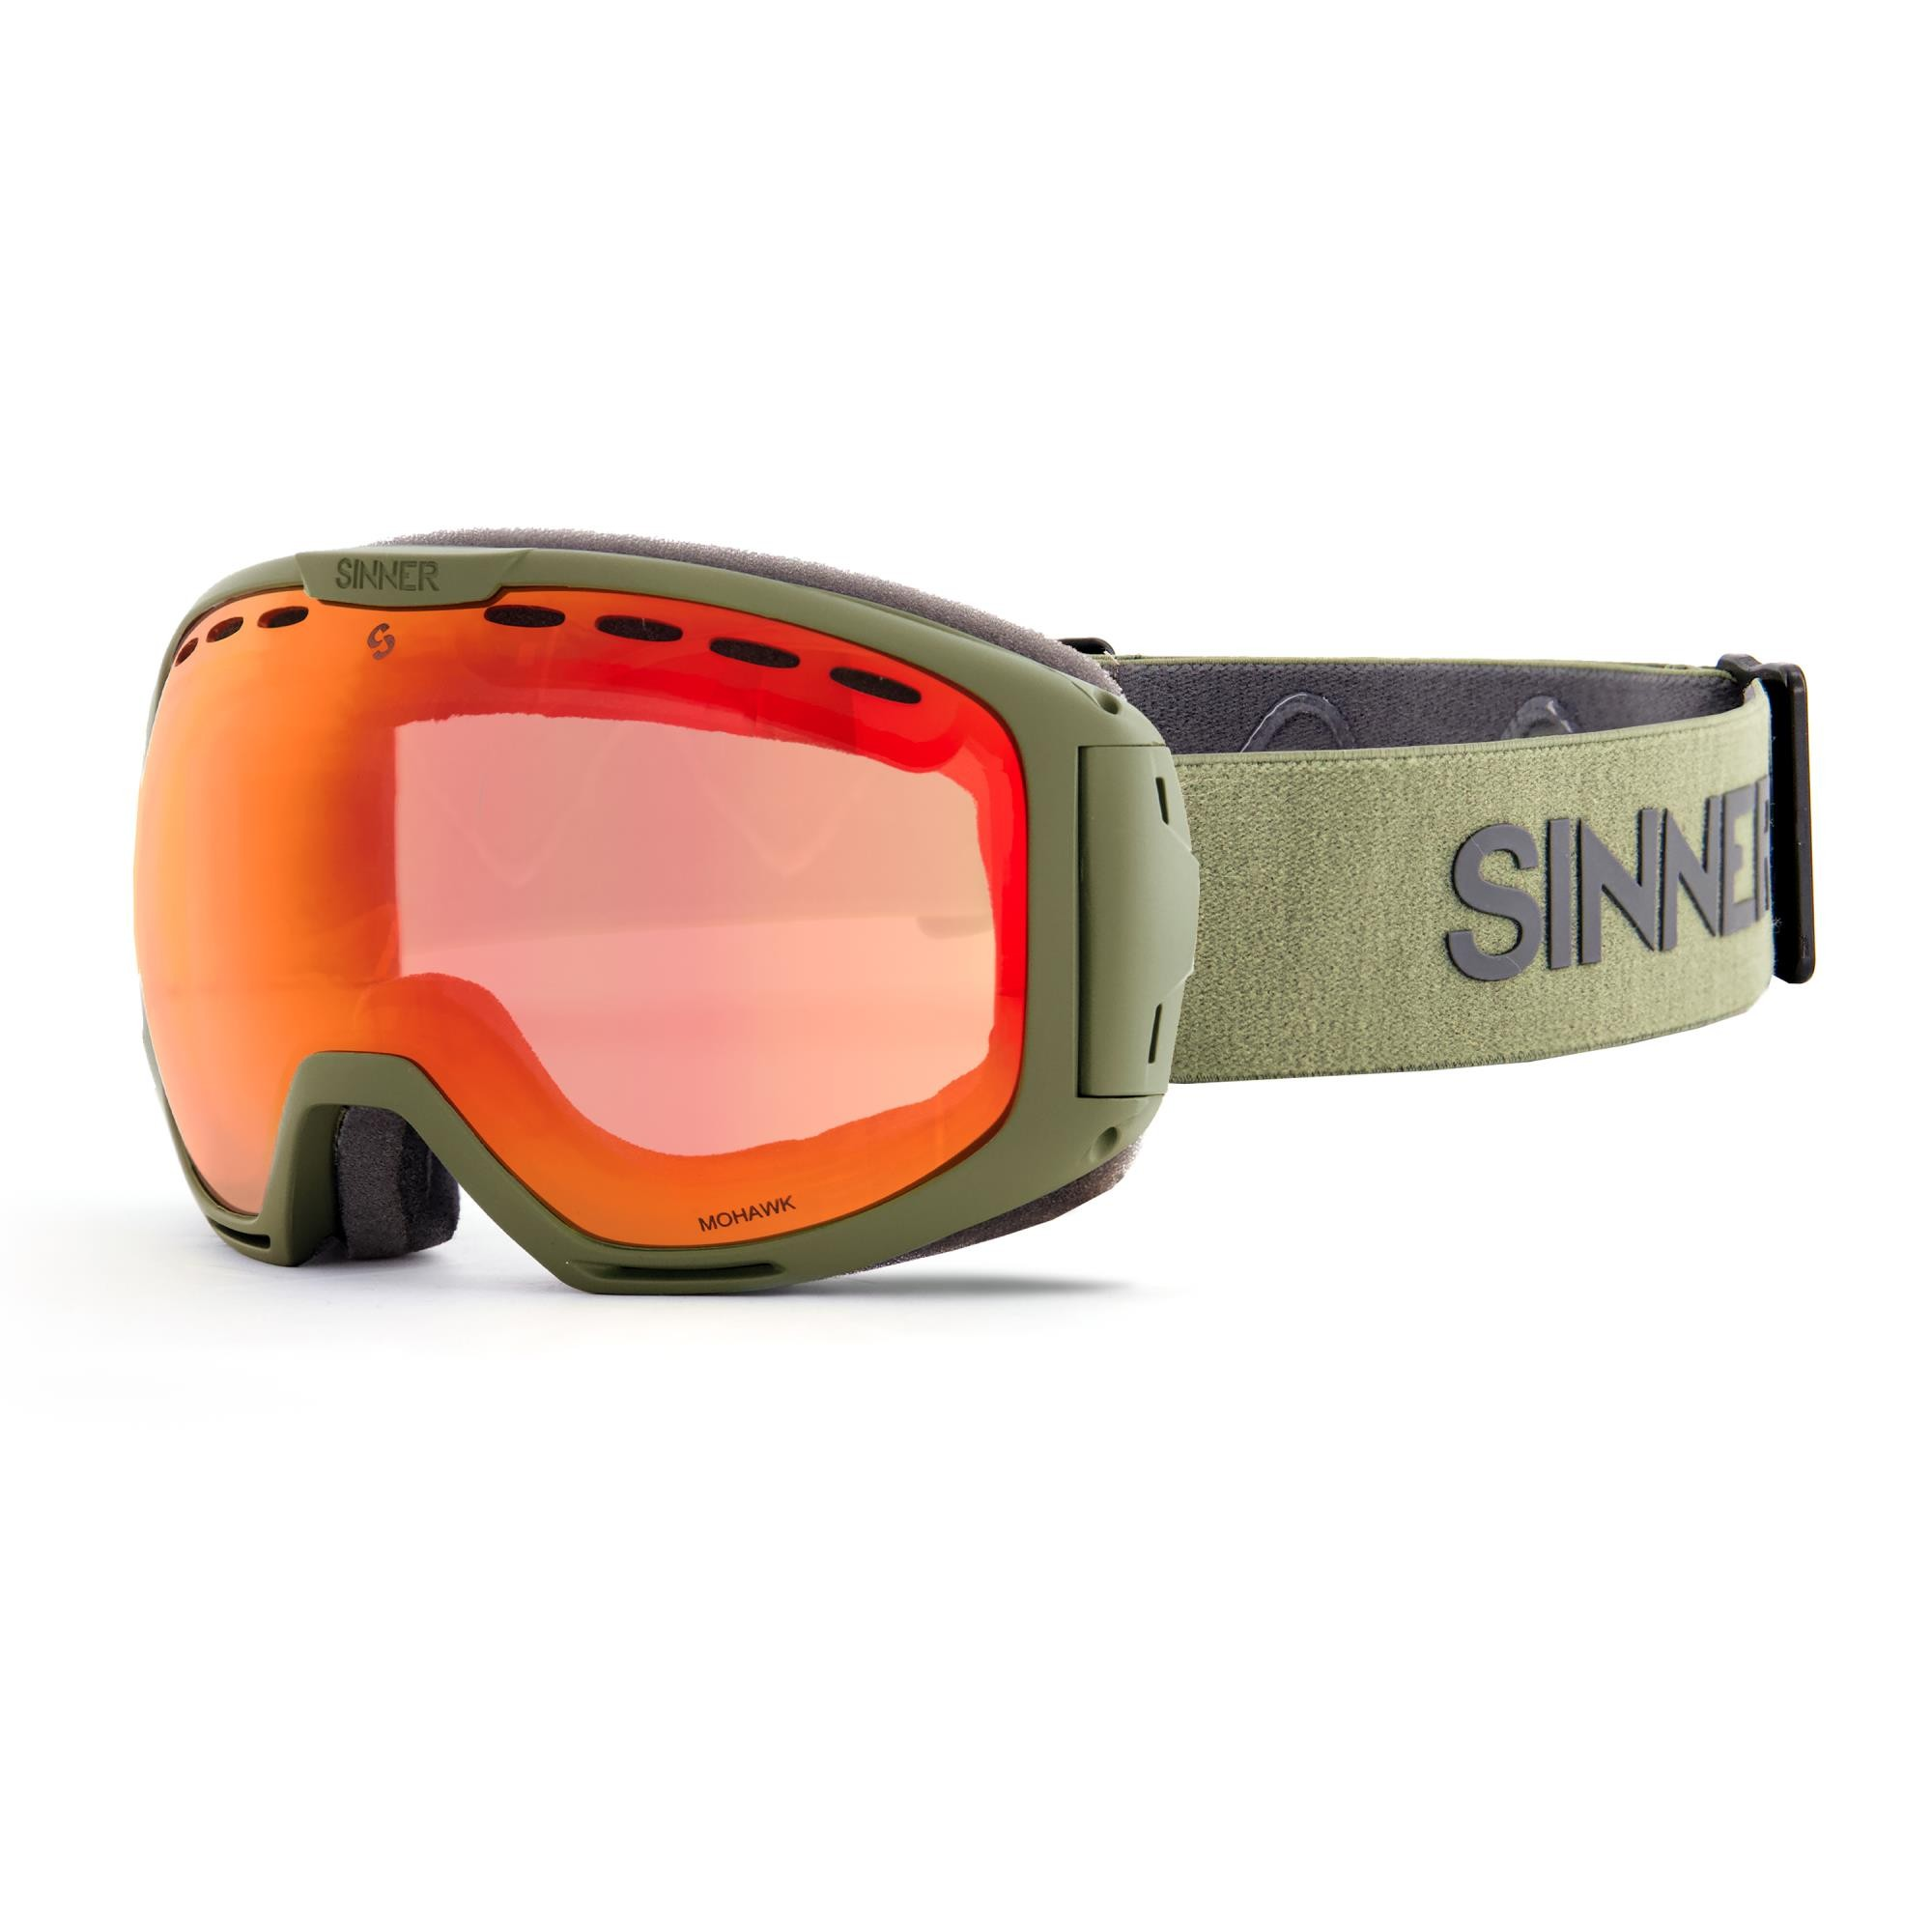 Sinner Mohawk Skibril - Groen - Rode Spiegellens + Extra Roze Lens